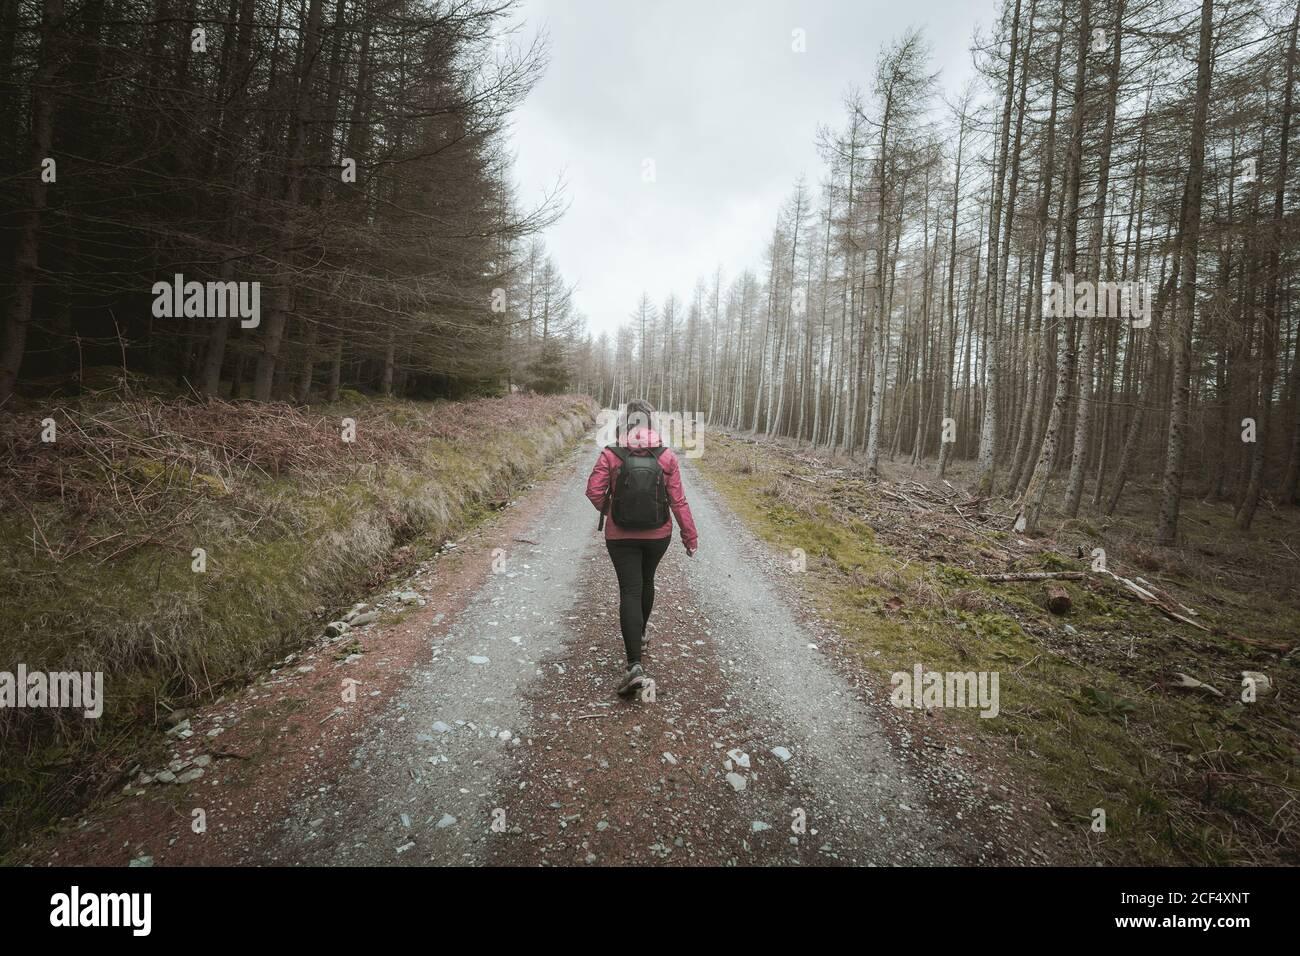 Vista posterior de la mujer anónima viajero en la cálida chaqueta de caminar En el bosque mientras se visita el Parque Forestal Tollymore en Irlanda del Norte en el día de la primavera Foto de stock